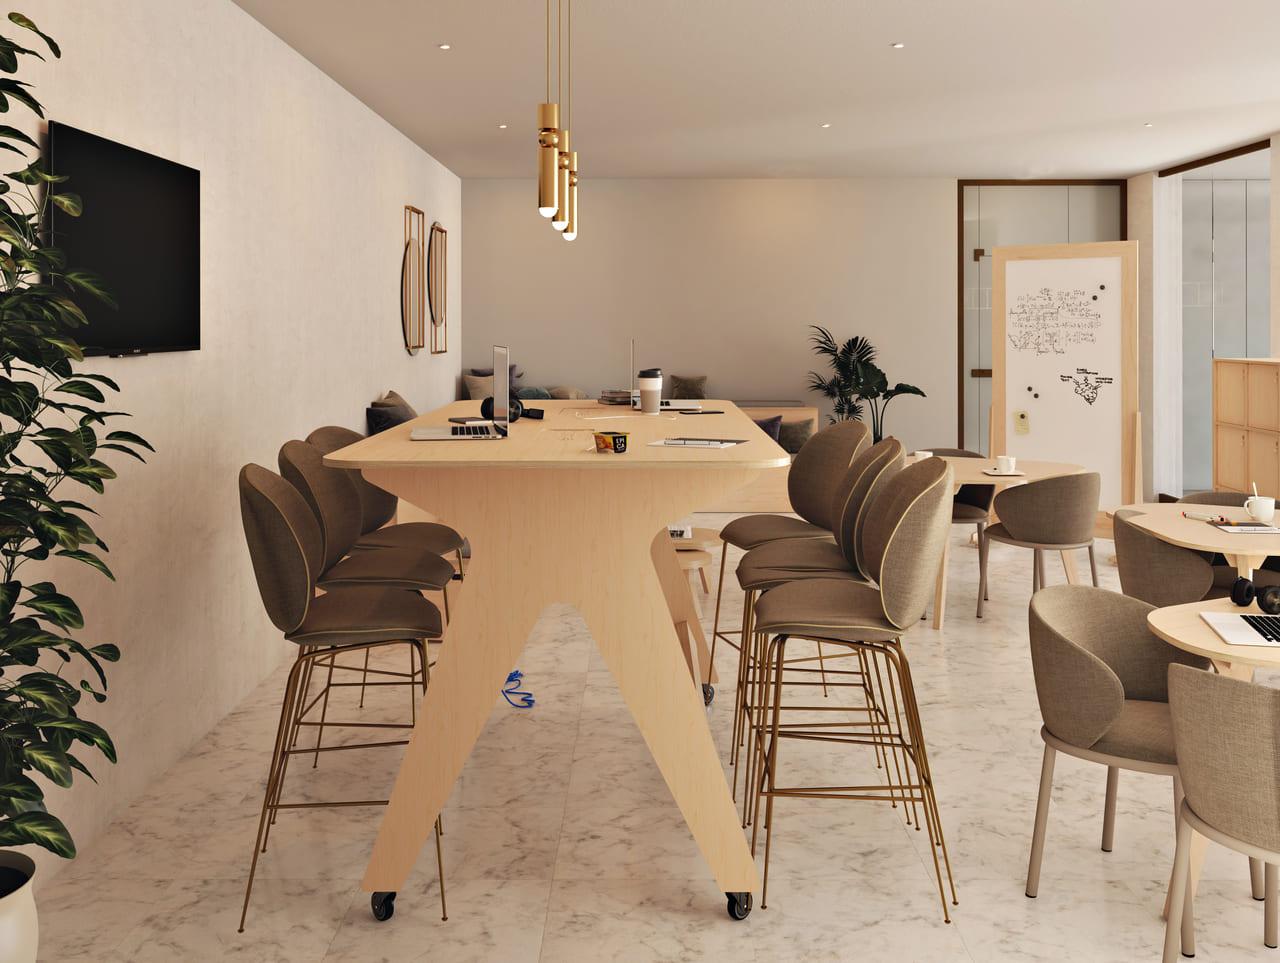 Table haute à roulettes située dans une salle de réunion informelle à l'ambiance et au style contemporain avec des luminaires et des miroirs dorés, un tableau effaçable, une télévision et une plante verte